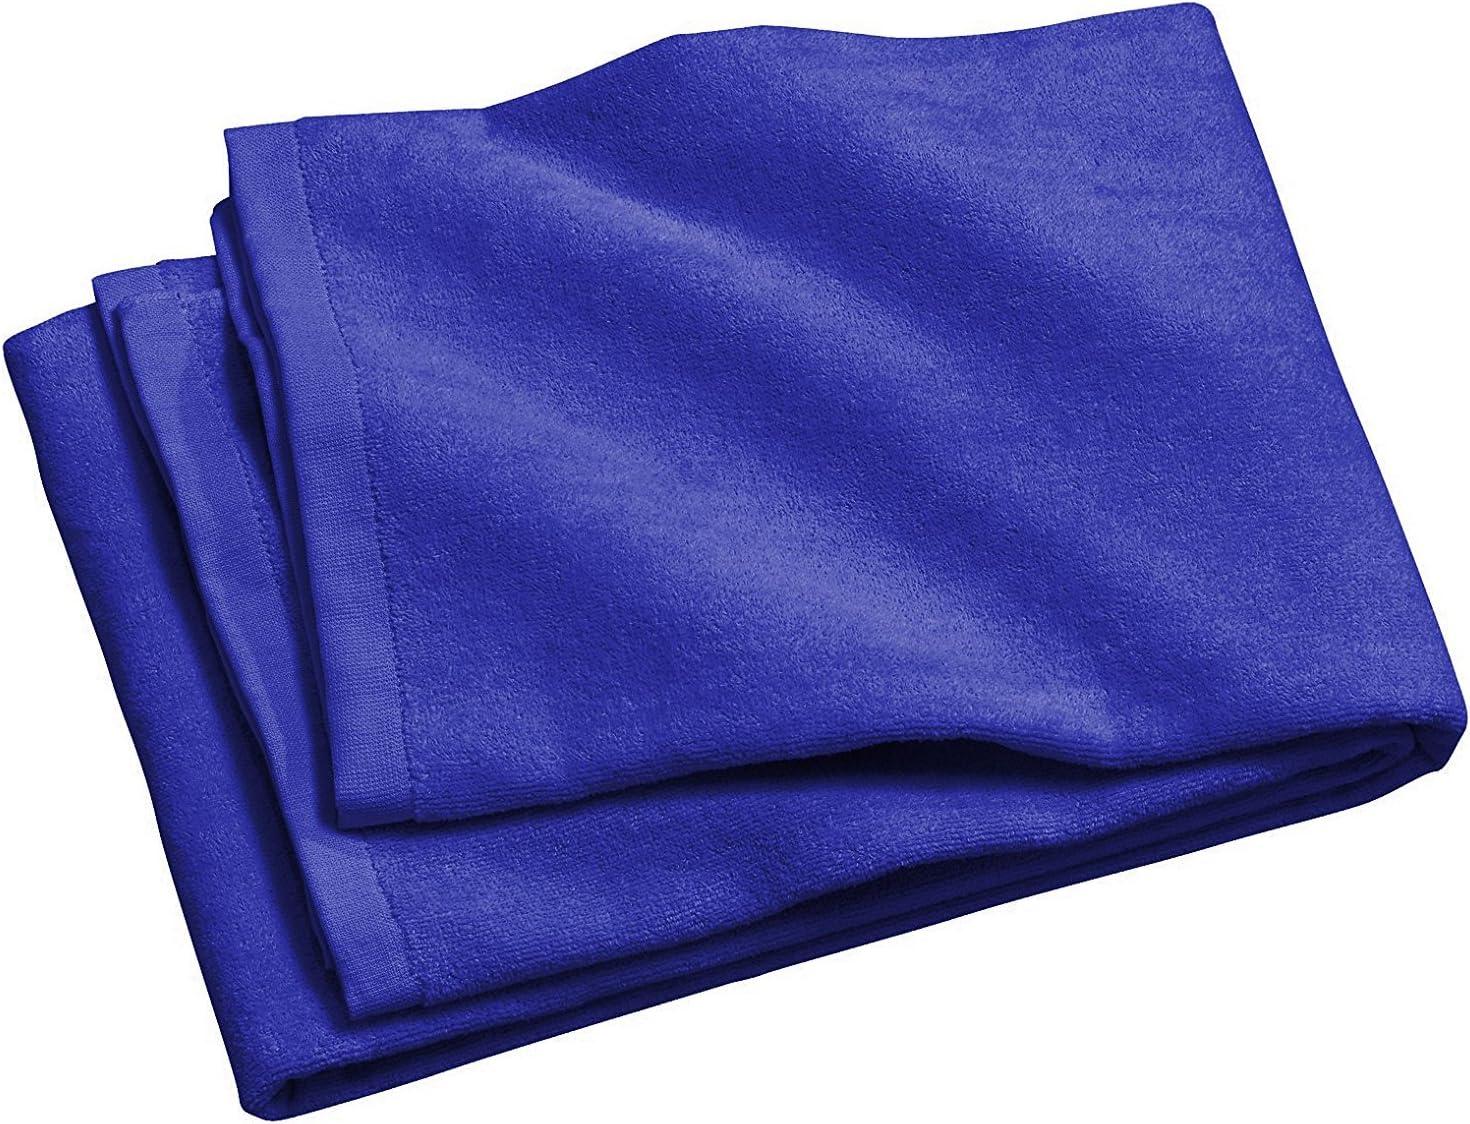 Mikrofaser Handtuch mit Tragetasche I Reisehandtuch extraweich ultra flauschig